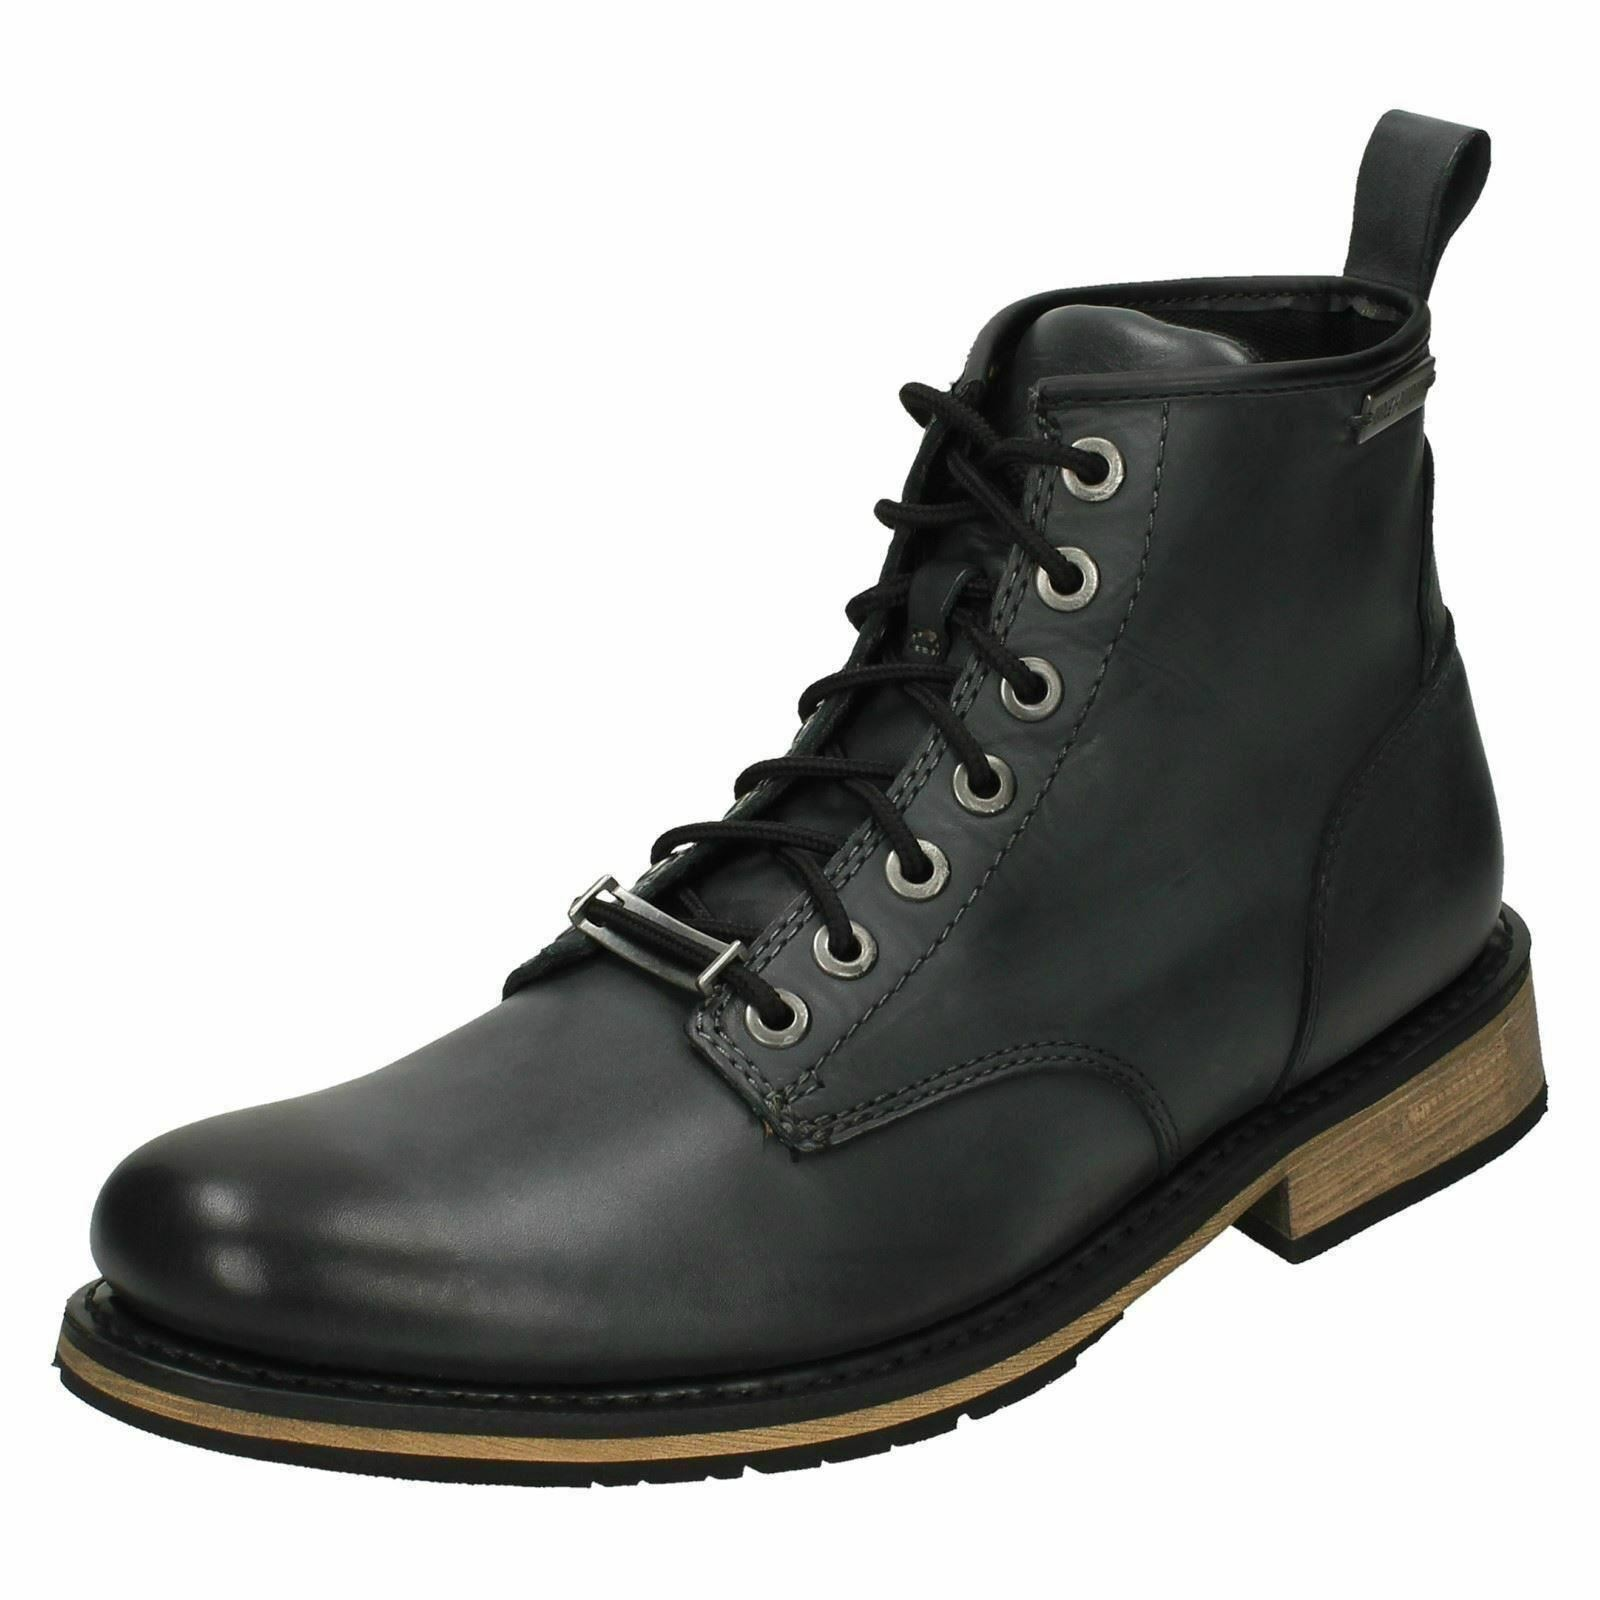 HARLEY davidson UP da uomo nera leatherlace UP davidson Boot 2d03d3